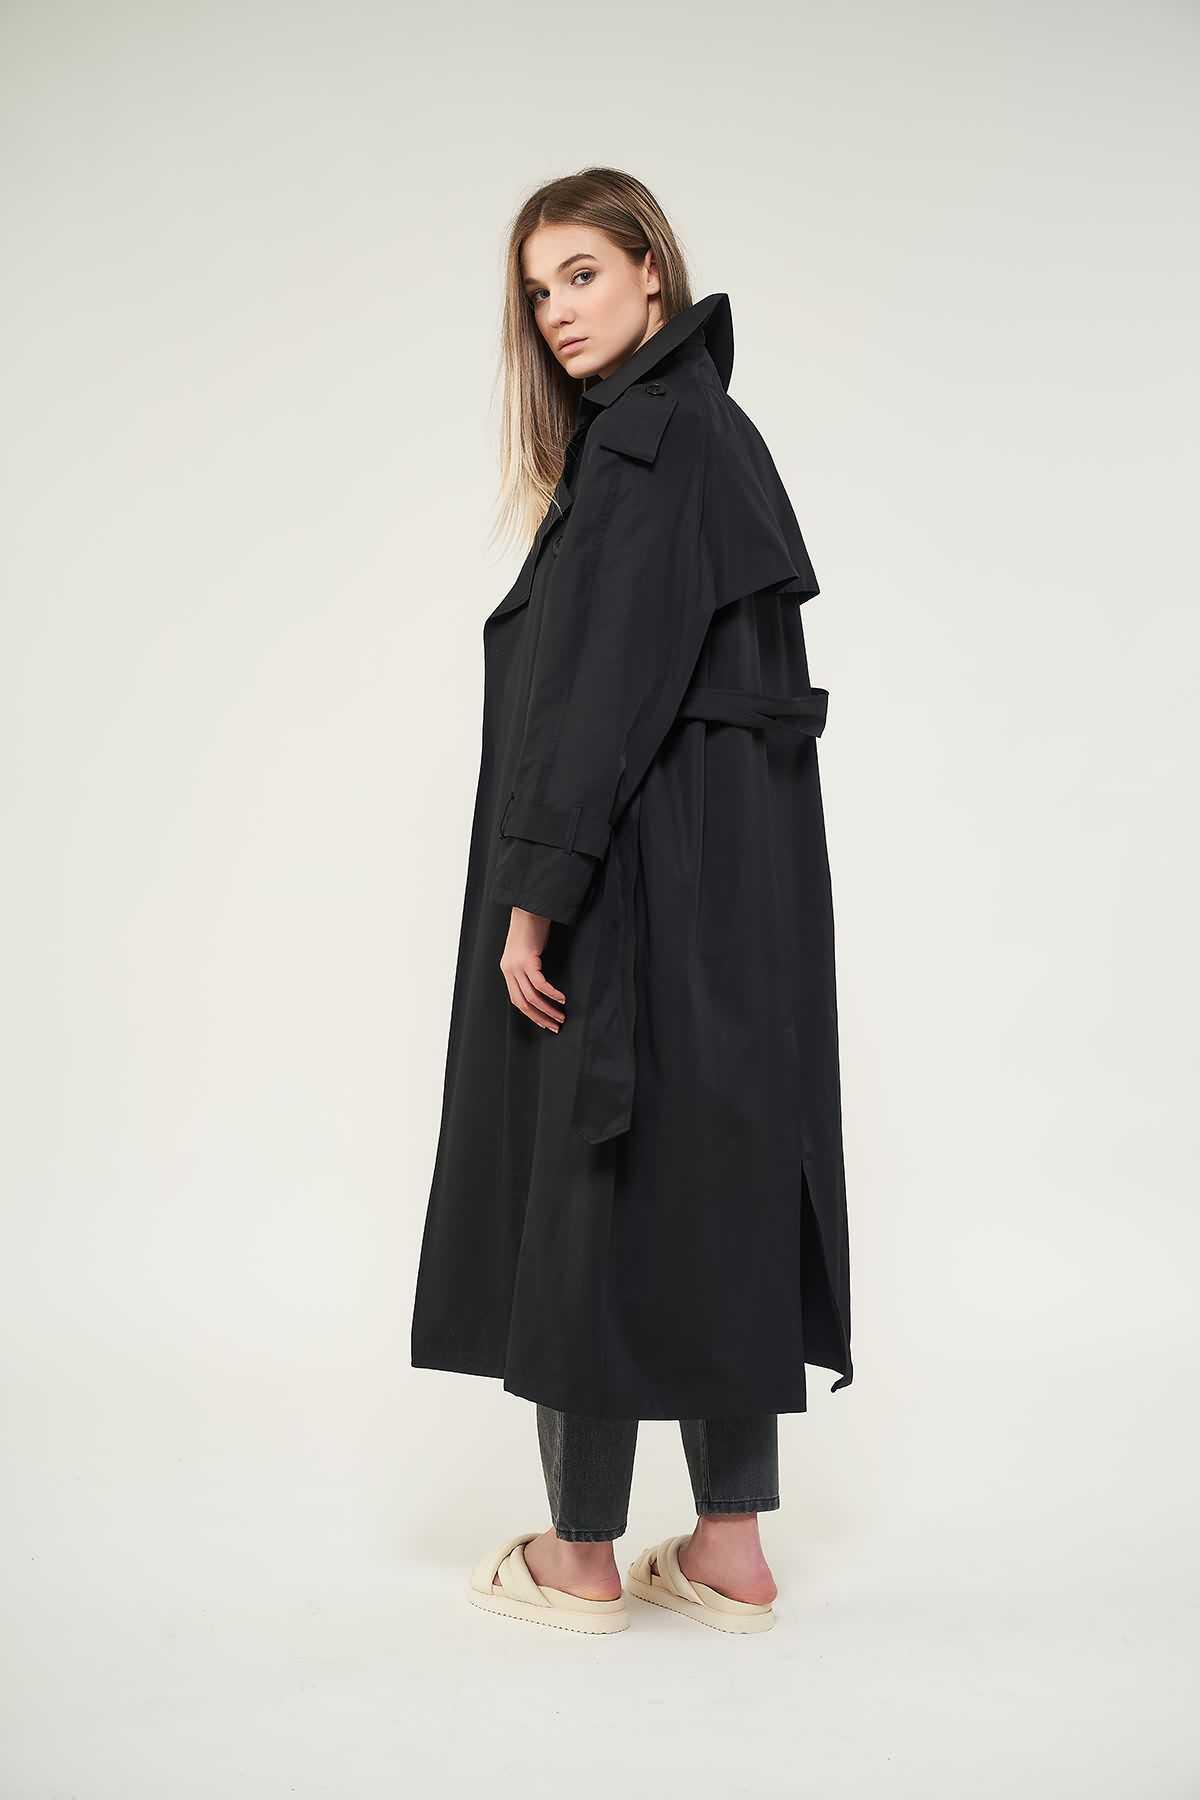 Mevra - Astarlı Trenchcoat Siyah